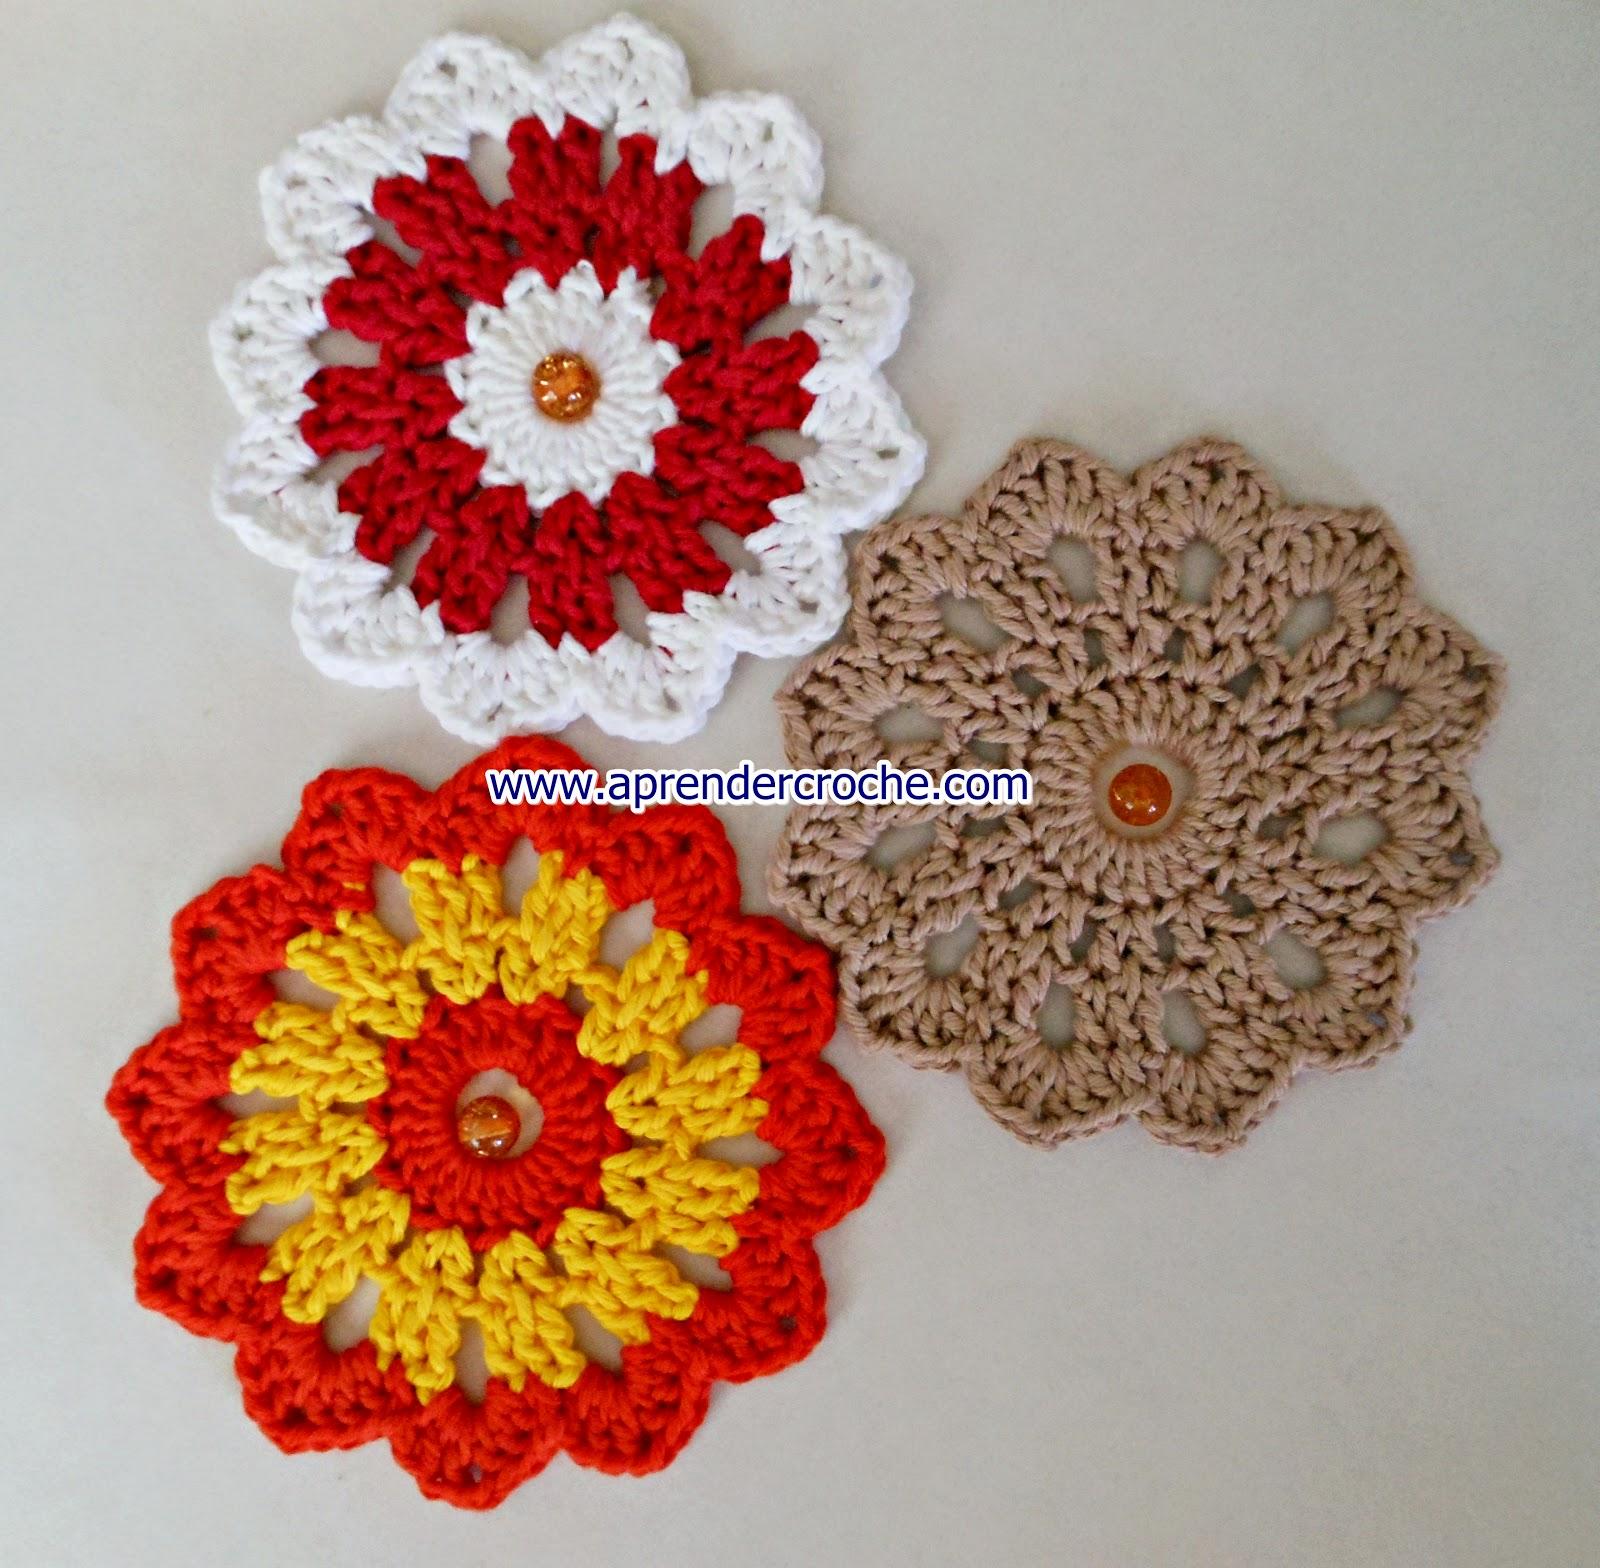 aprender croche com toalhinhas abril festivo aniversário lembrancinhas dvd loja curso de croche edinir-croche